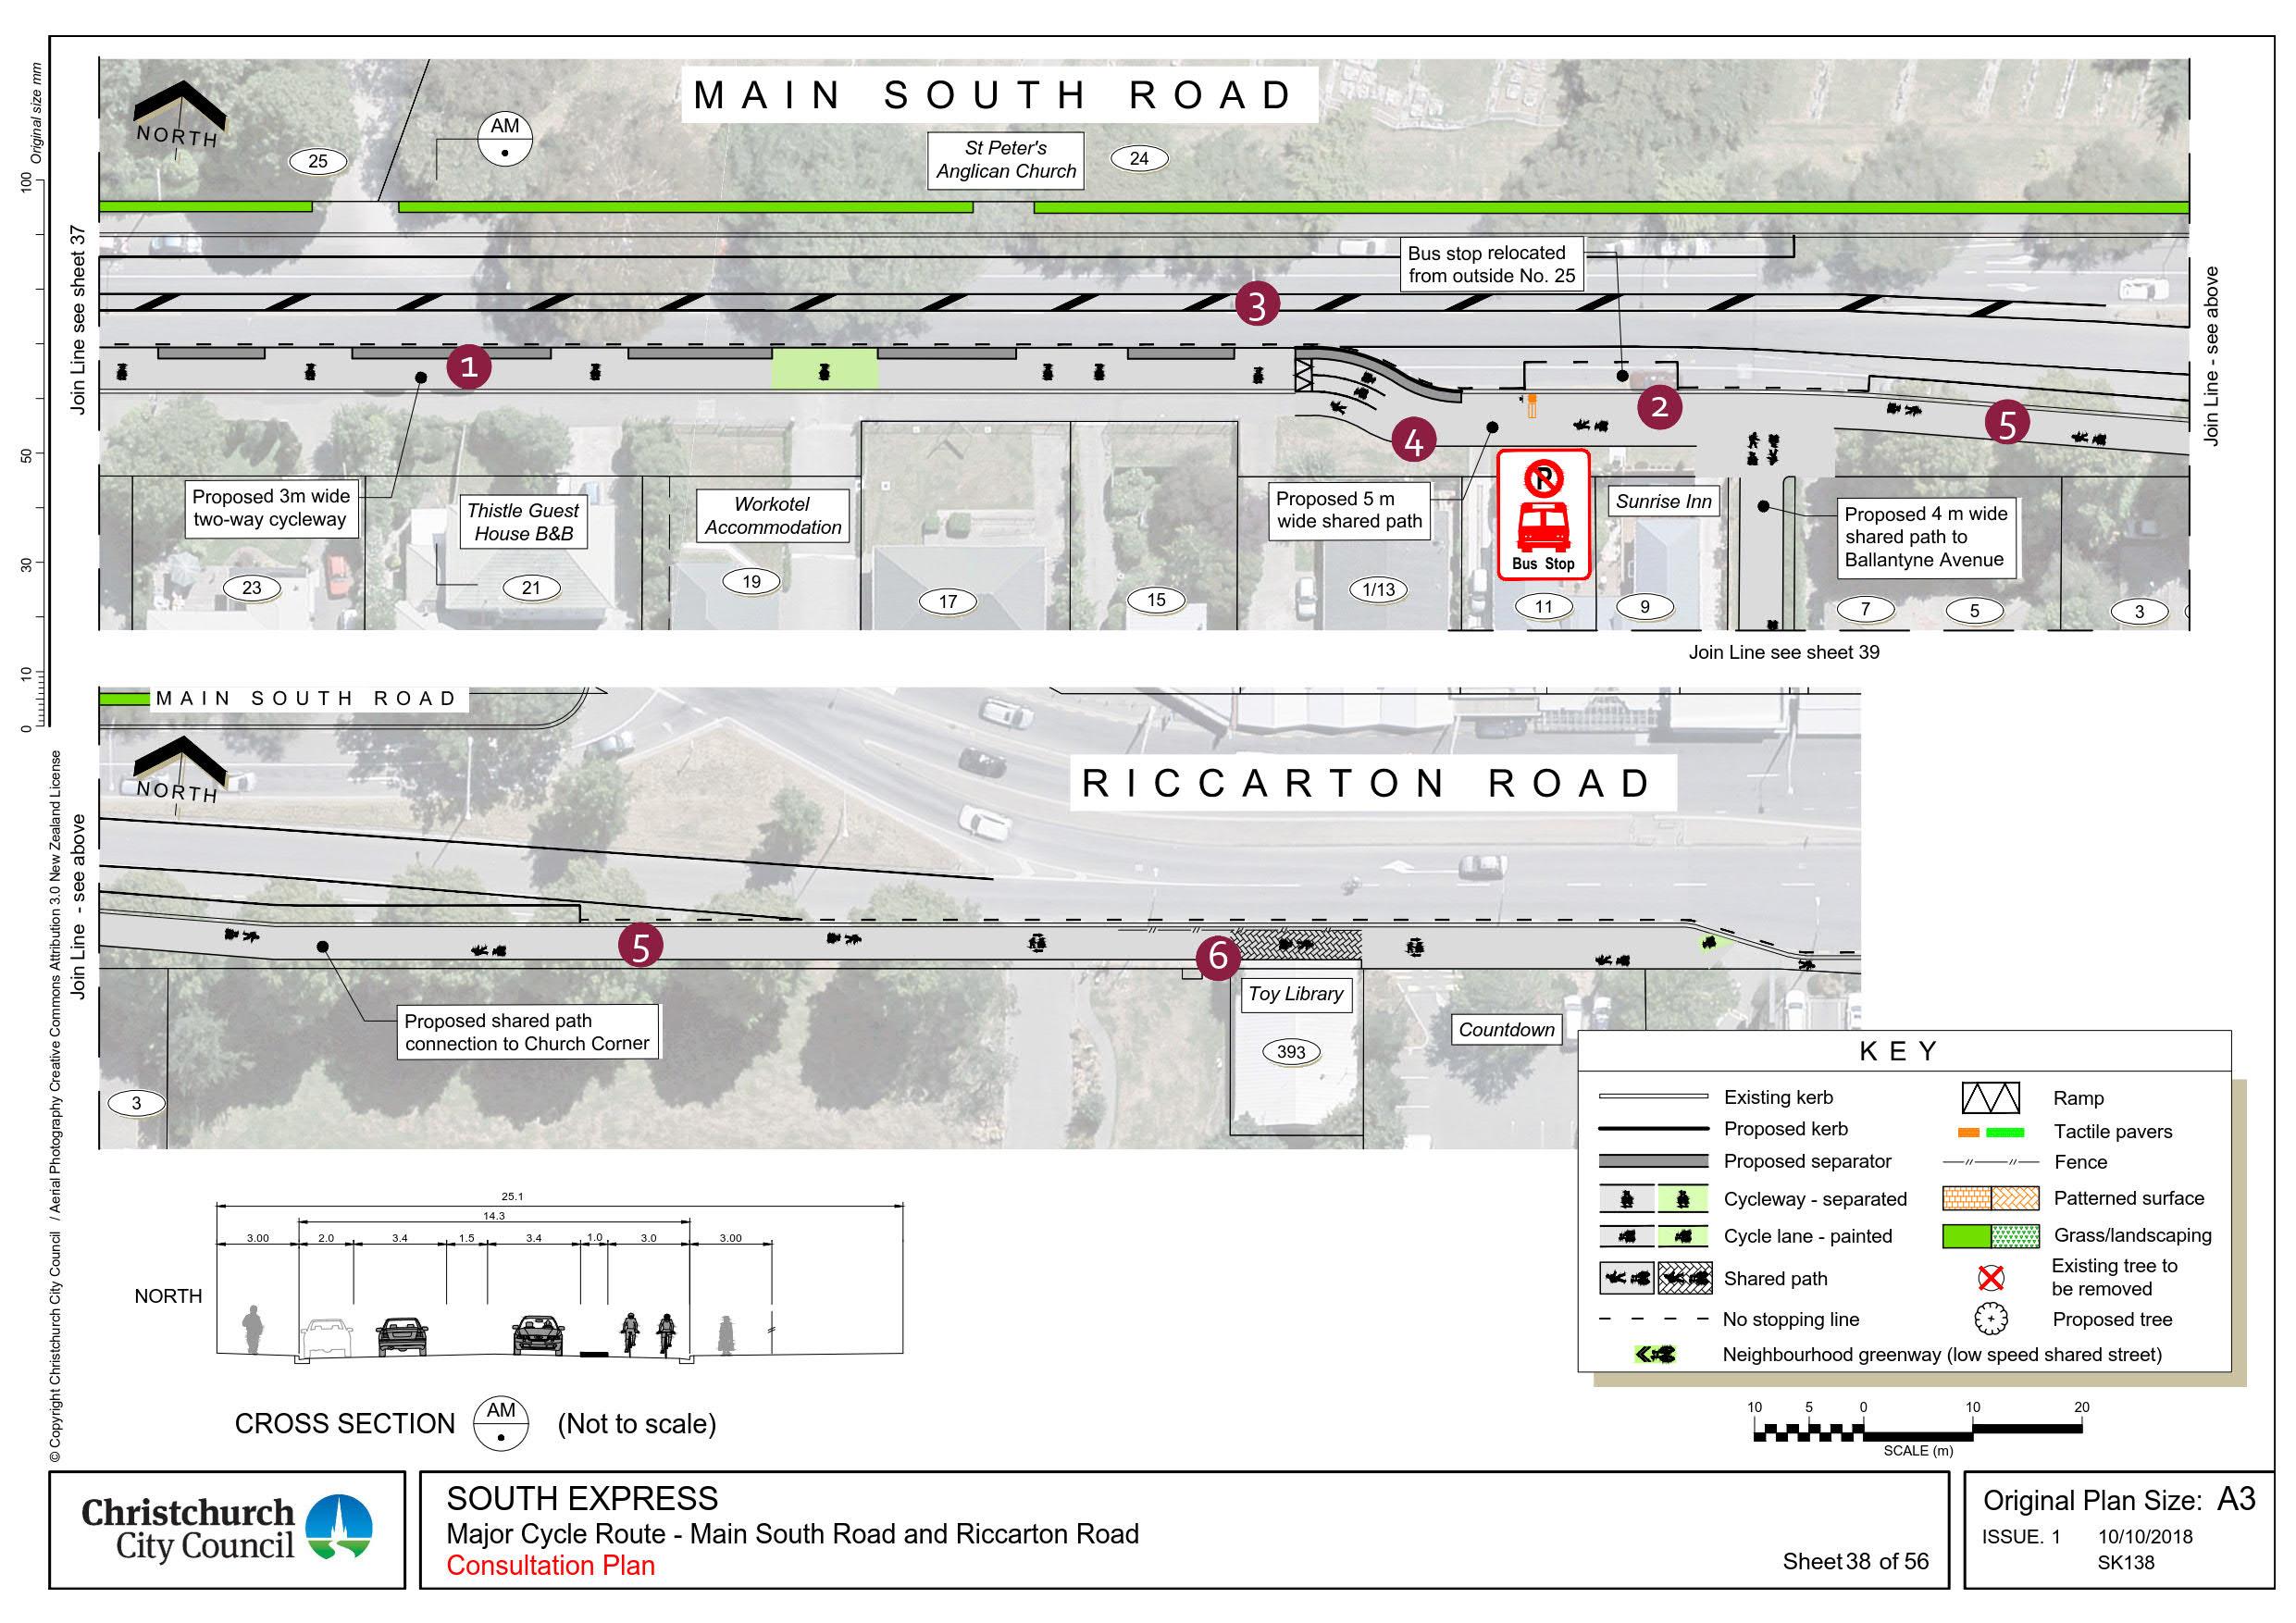 'Main South Road and Riccarton Road